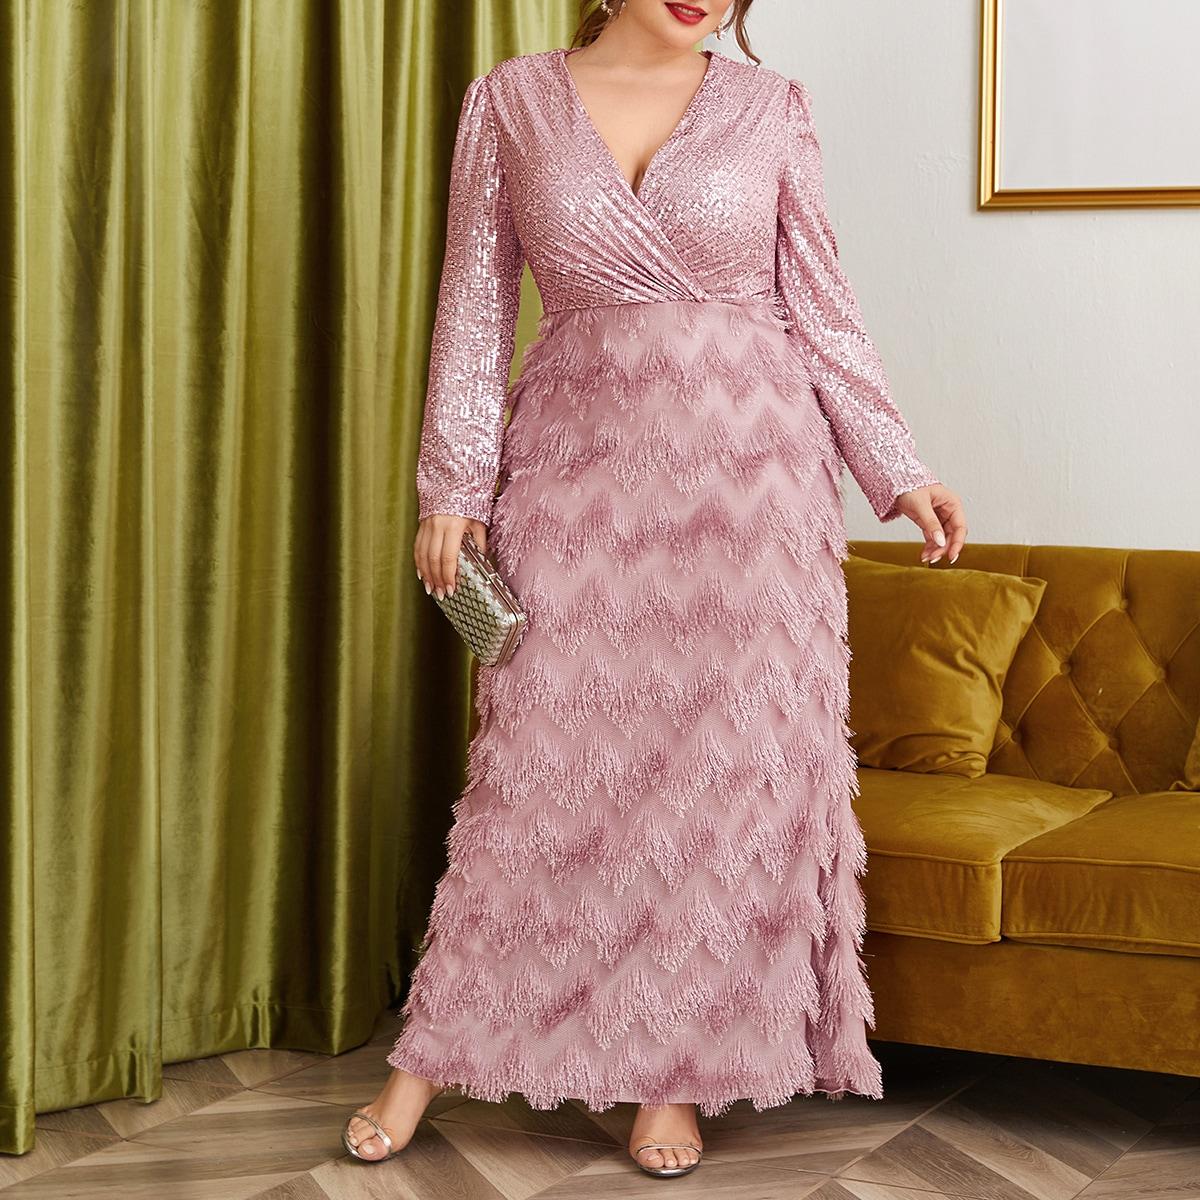 Контрастное блестящее платье размера плюс с бахромой и v-образным воротником